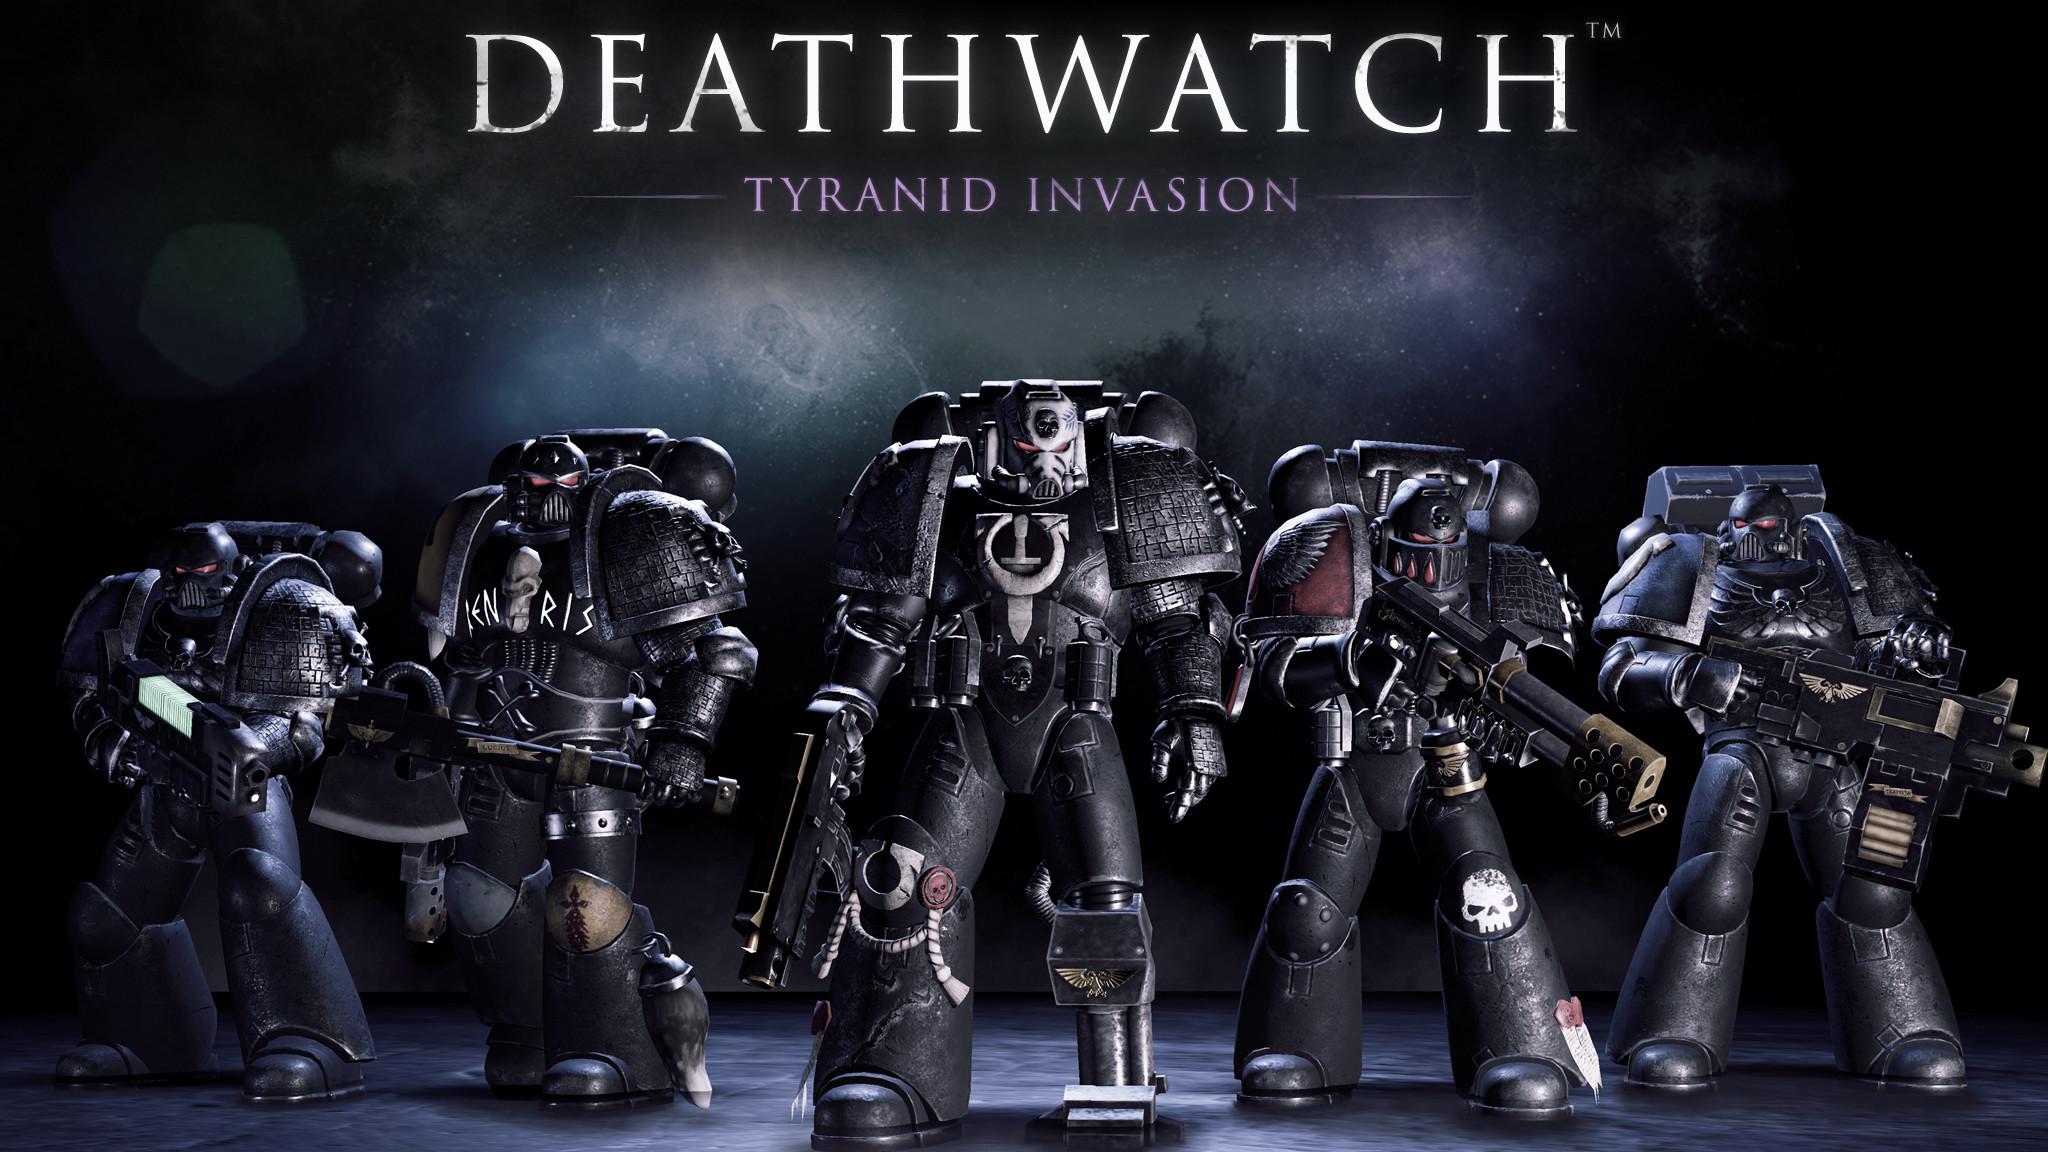 warhammer-40k-deathwatch-tyranid-invasion-hd.jpg